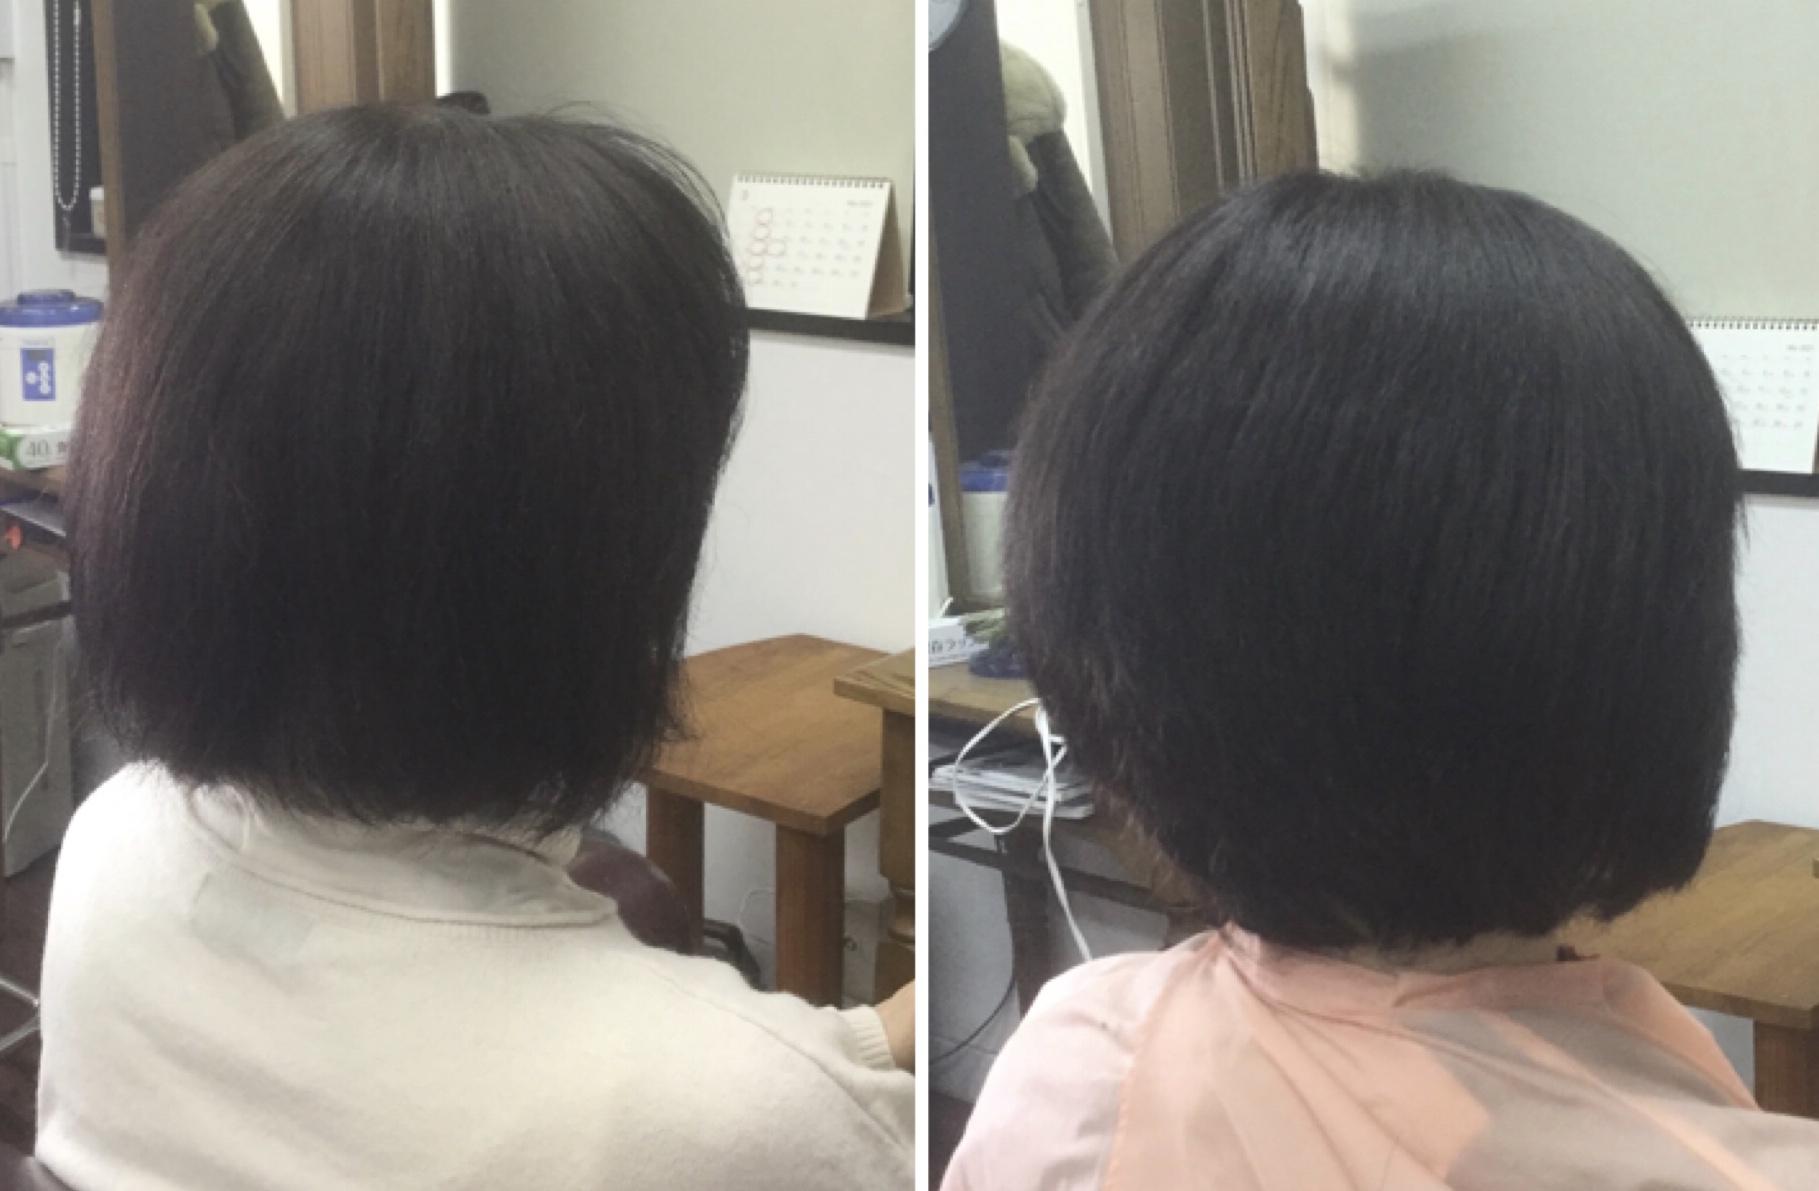 50代の髪の悩みをキュビズムカット®︎で改善しませんか?神戸摂津本山美容室アバディ